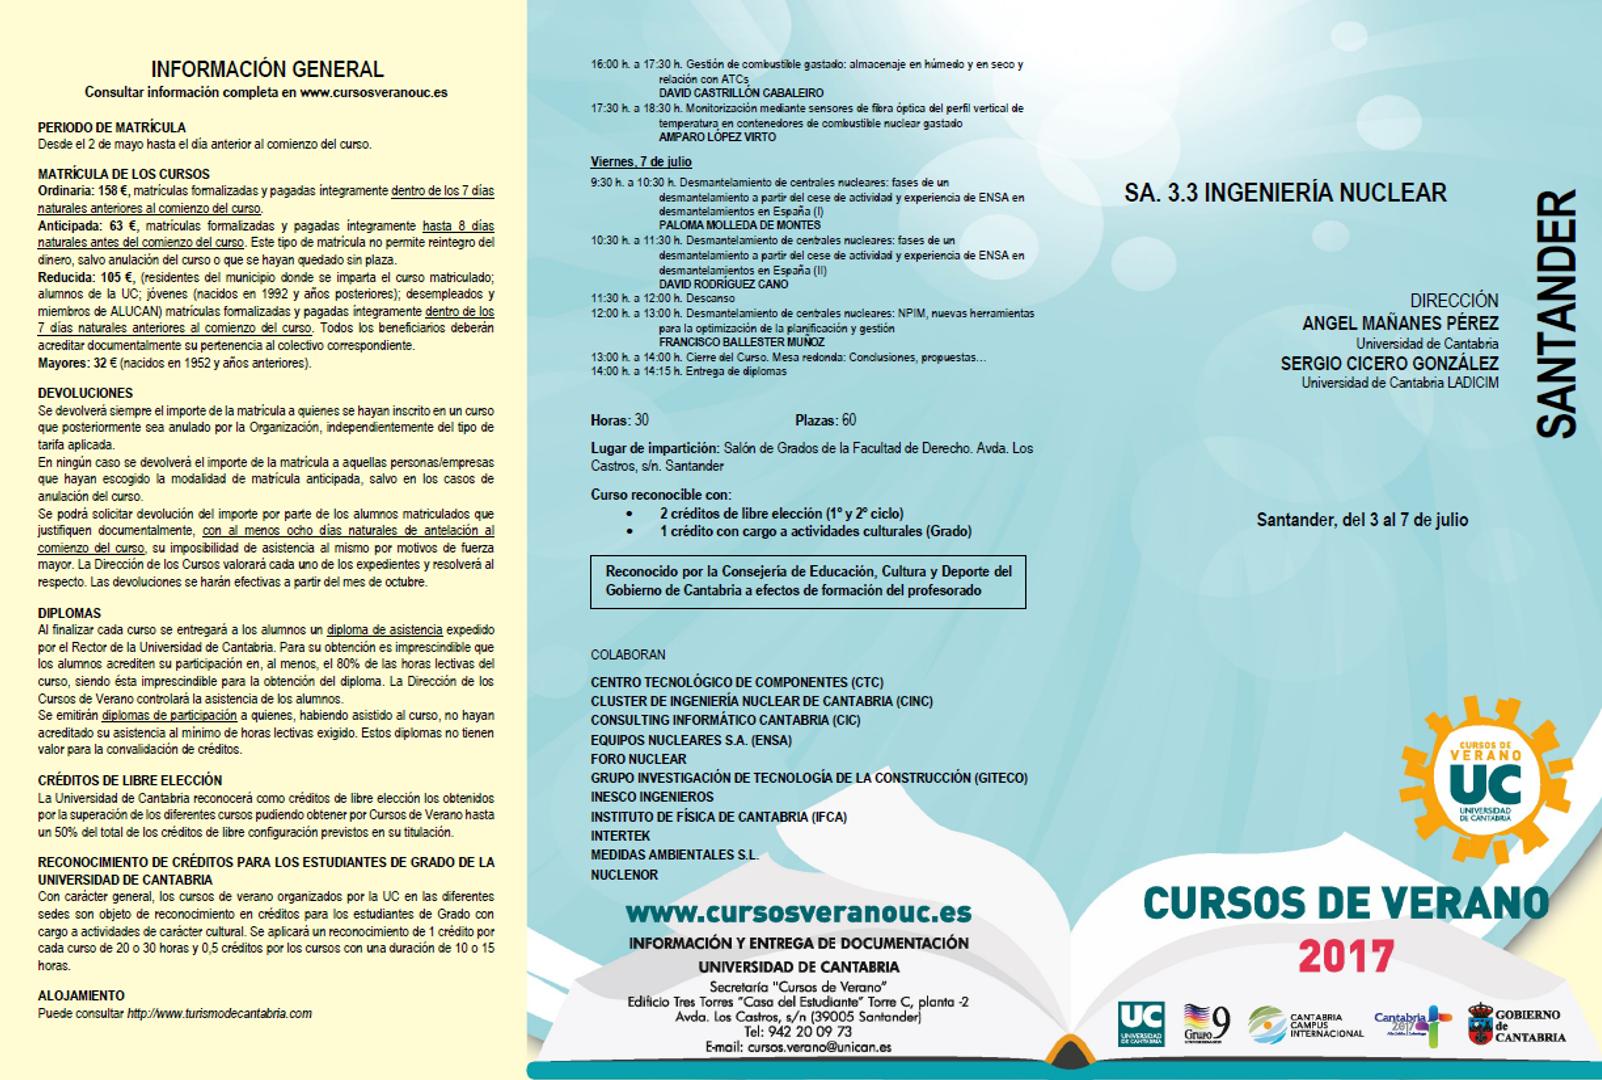 CINC organiza el Curso de Verano de la UIMP del 3-7 Julio